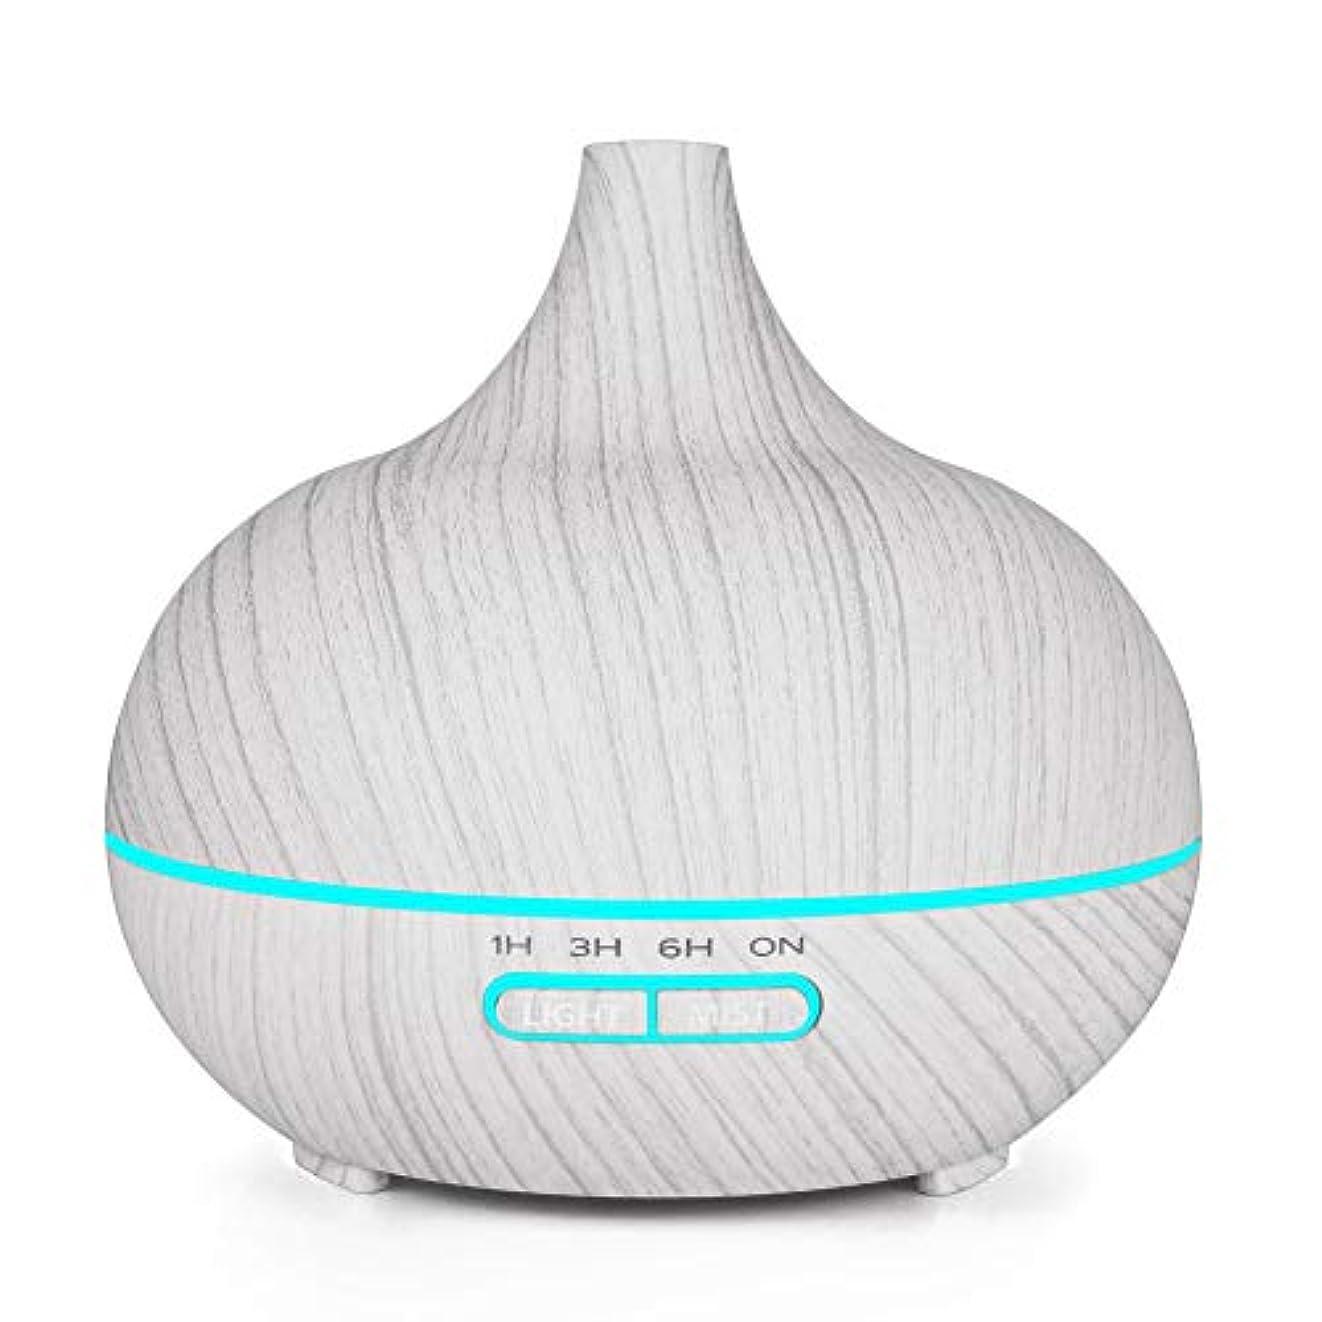 漂流日帰り旅行にパンフレット木目 涼しい霧 加湿器,7 色 空気を浄化 加湿機 時間 手動 香り 精油 ディフューザー アロマネブライザー Yoga ベッド- 400ml